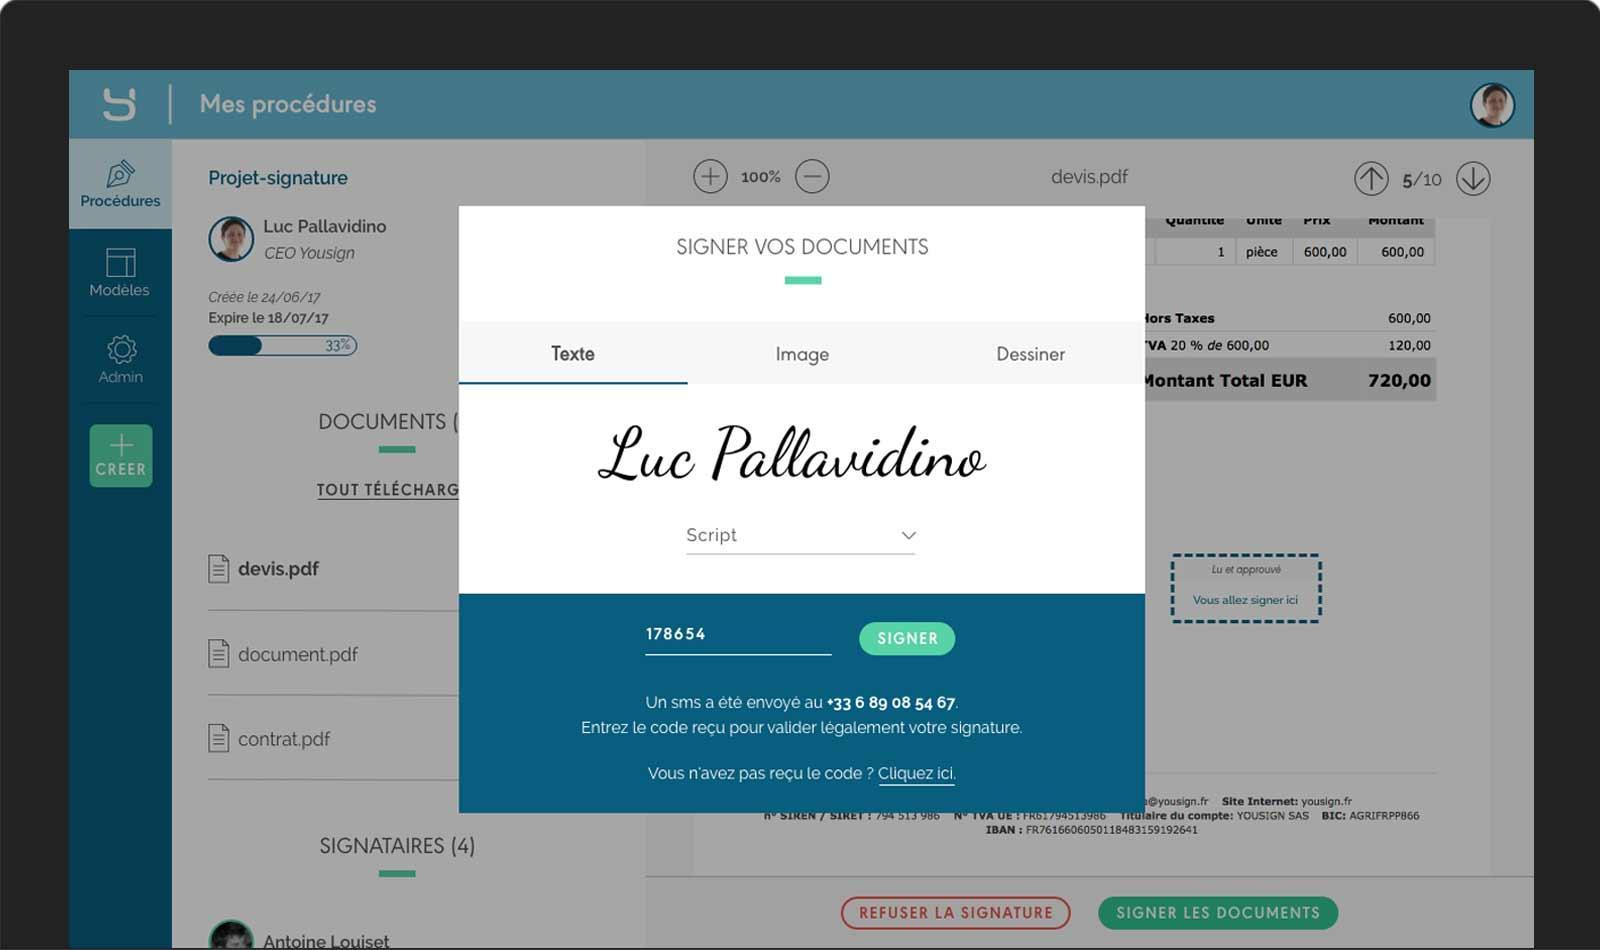 Dématérialisation facture et signature électronique Yousign